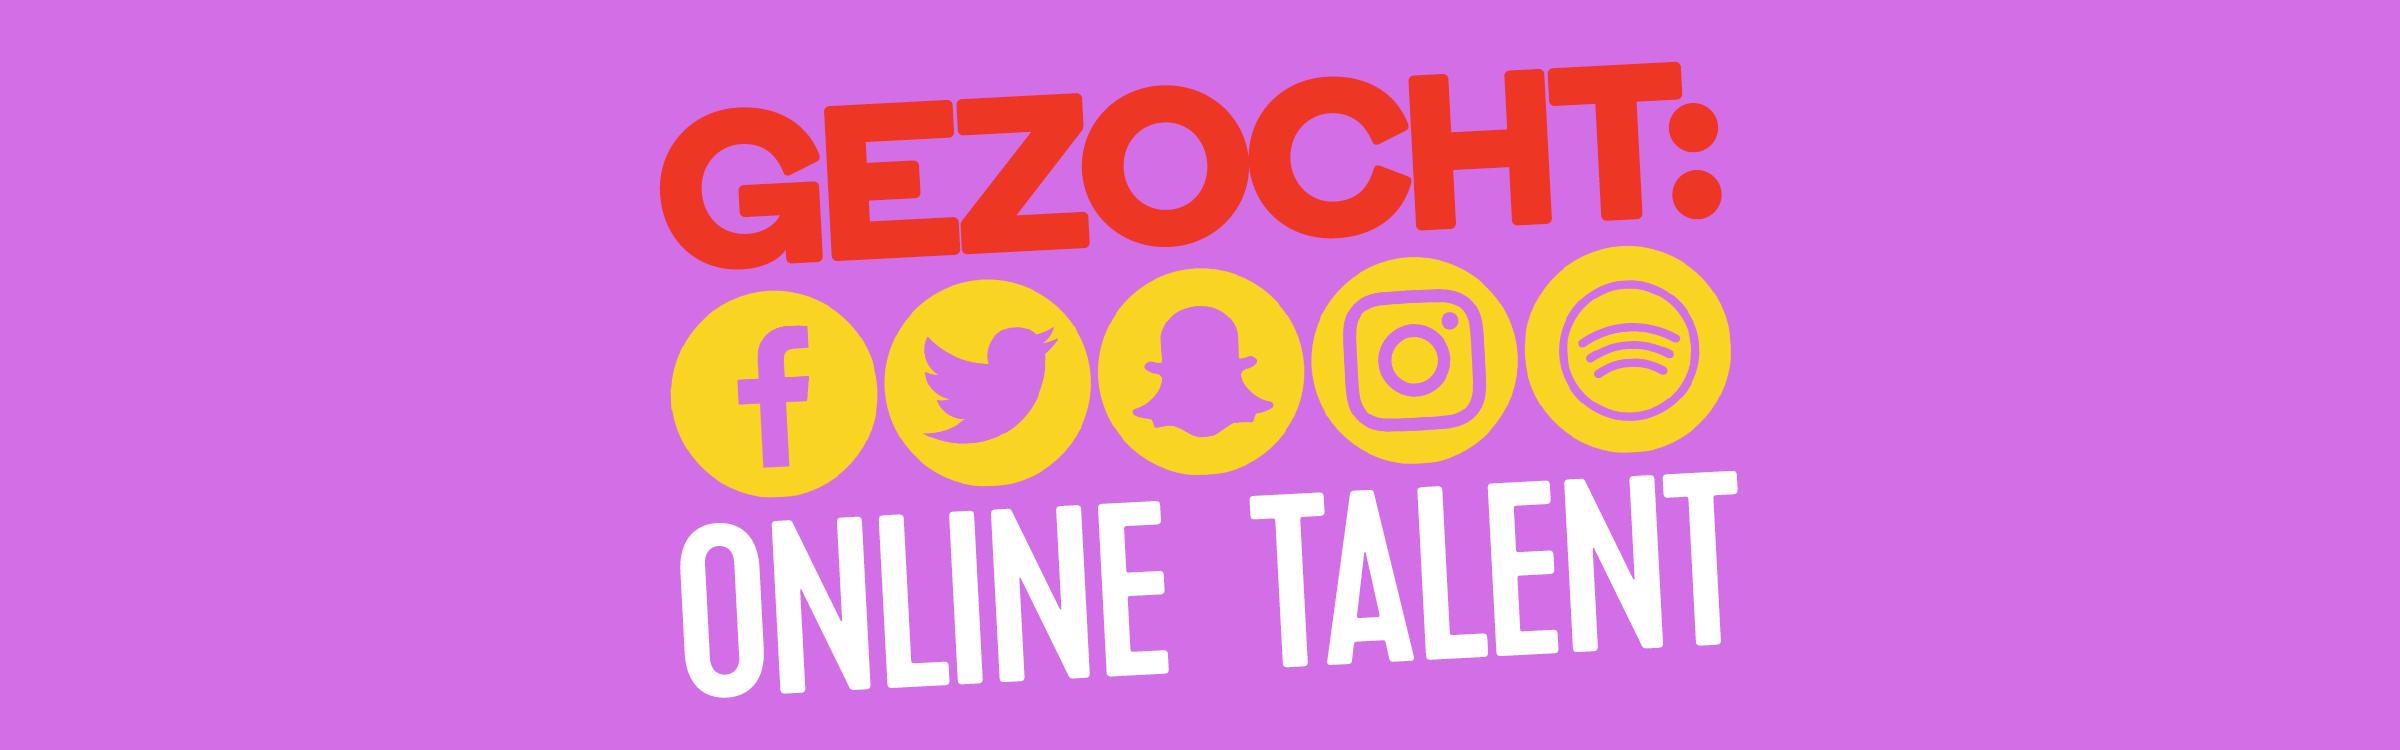 Q 2400 750 onlinetalent